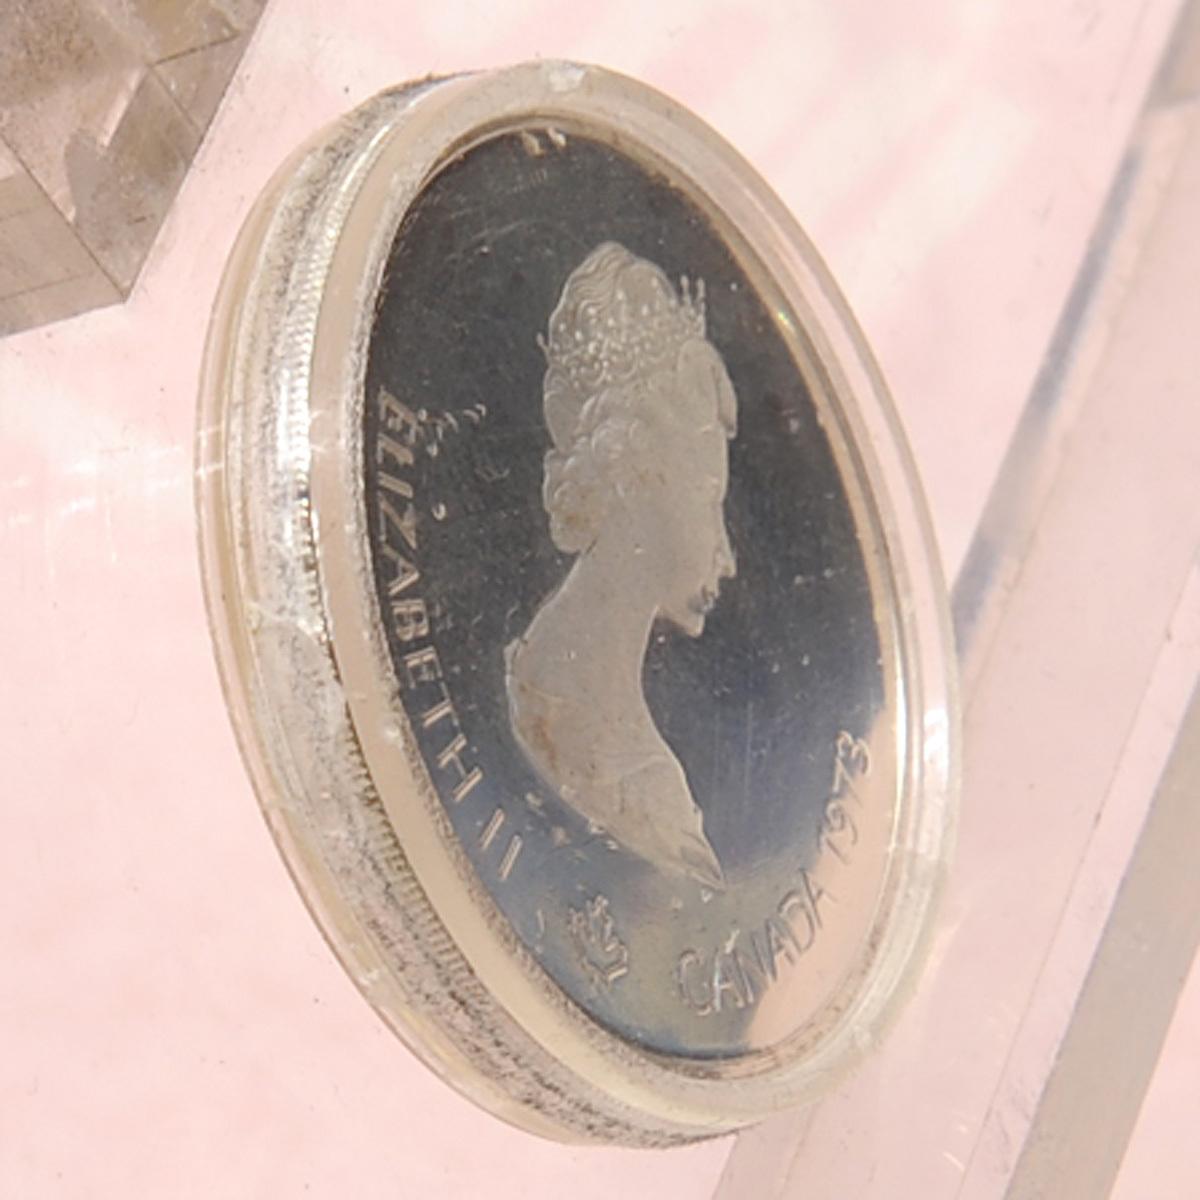 モントリオールオリンピック 10ドル銀貨×2枚 5ドル銀貨×2枚 送料無料 【m76】 1976年 カナダ COJO76 RENWICK 記念硬貨 エリザベス2世_画像5